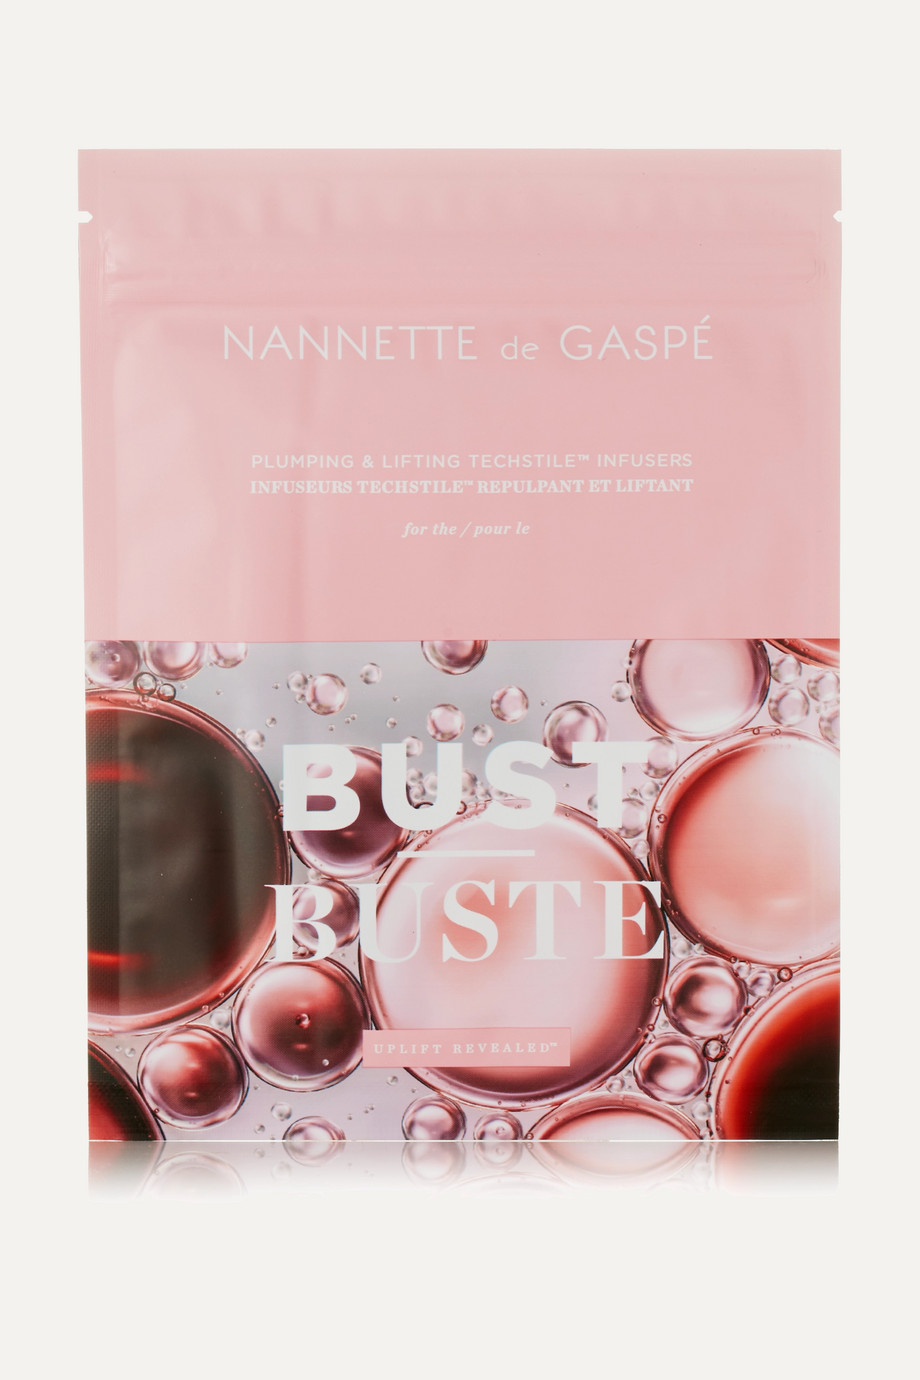 Nannette de Gaspé Plumping & Lifting Techstile Bust and Tush Masque set